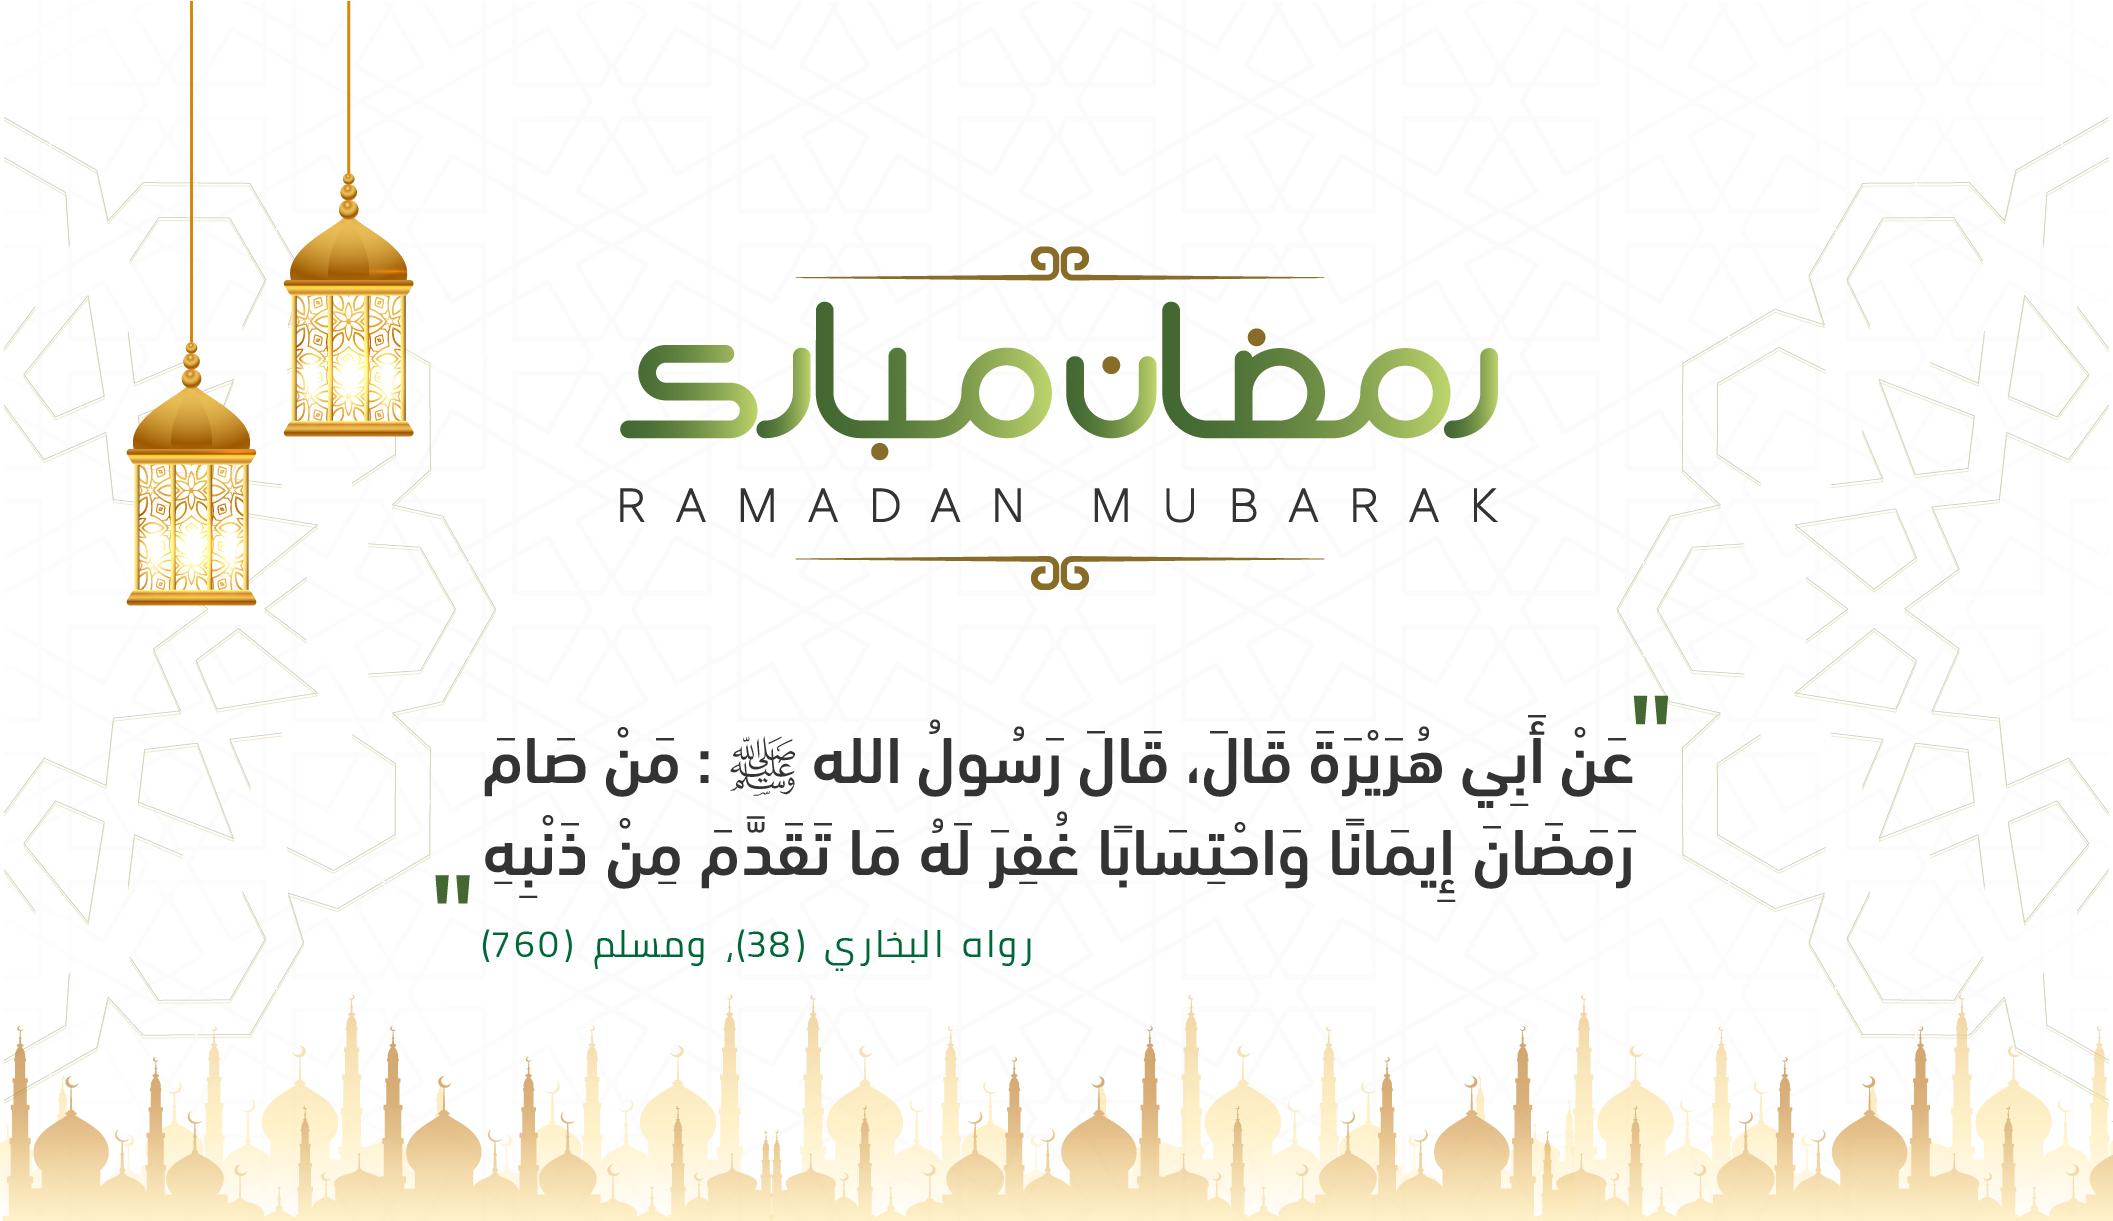 تهنئ شركة بيت المشورة قدوم شهر رمضان المبارك